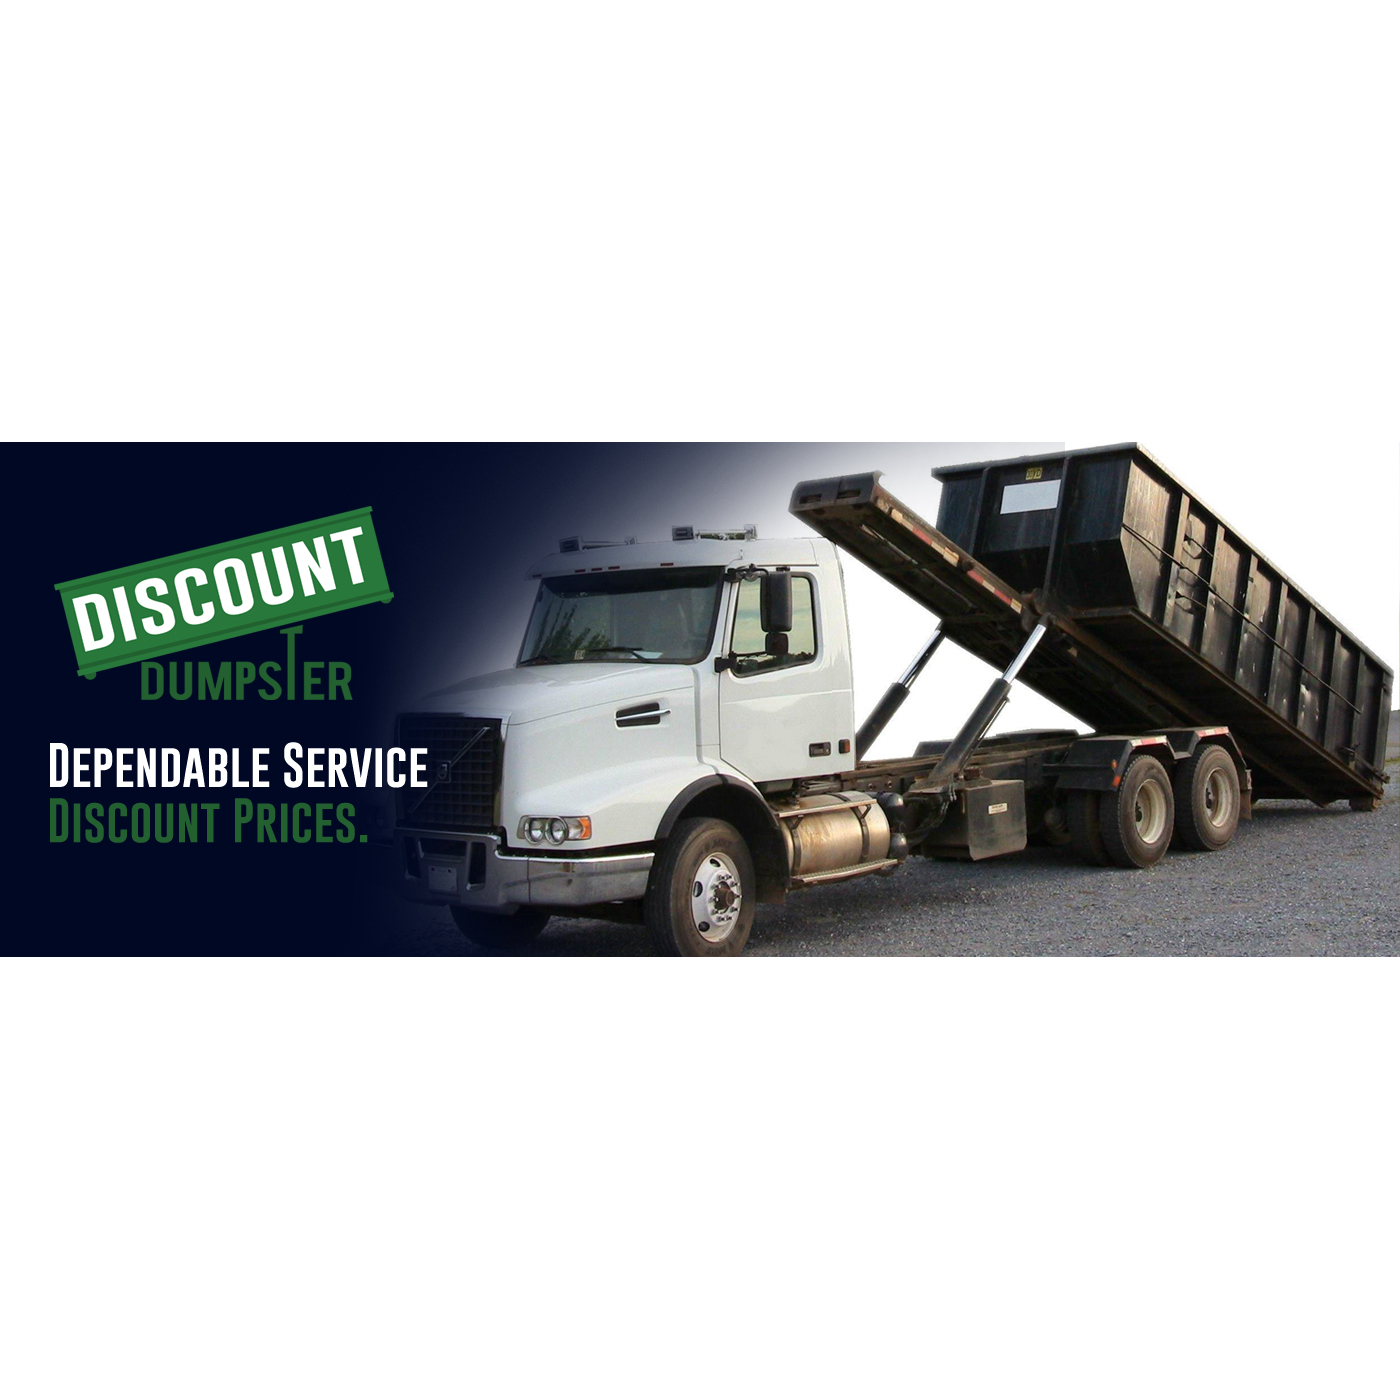 Discount Dumpster